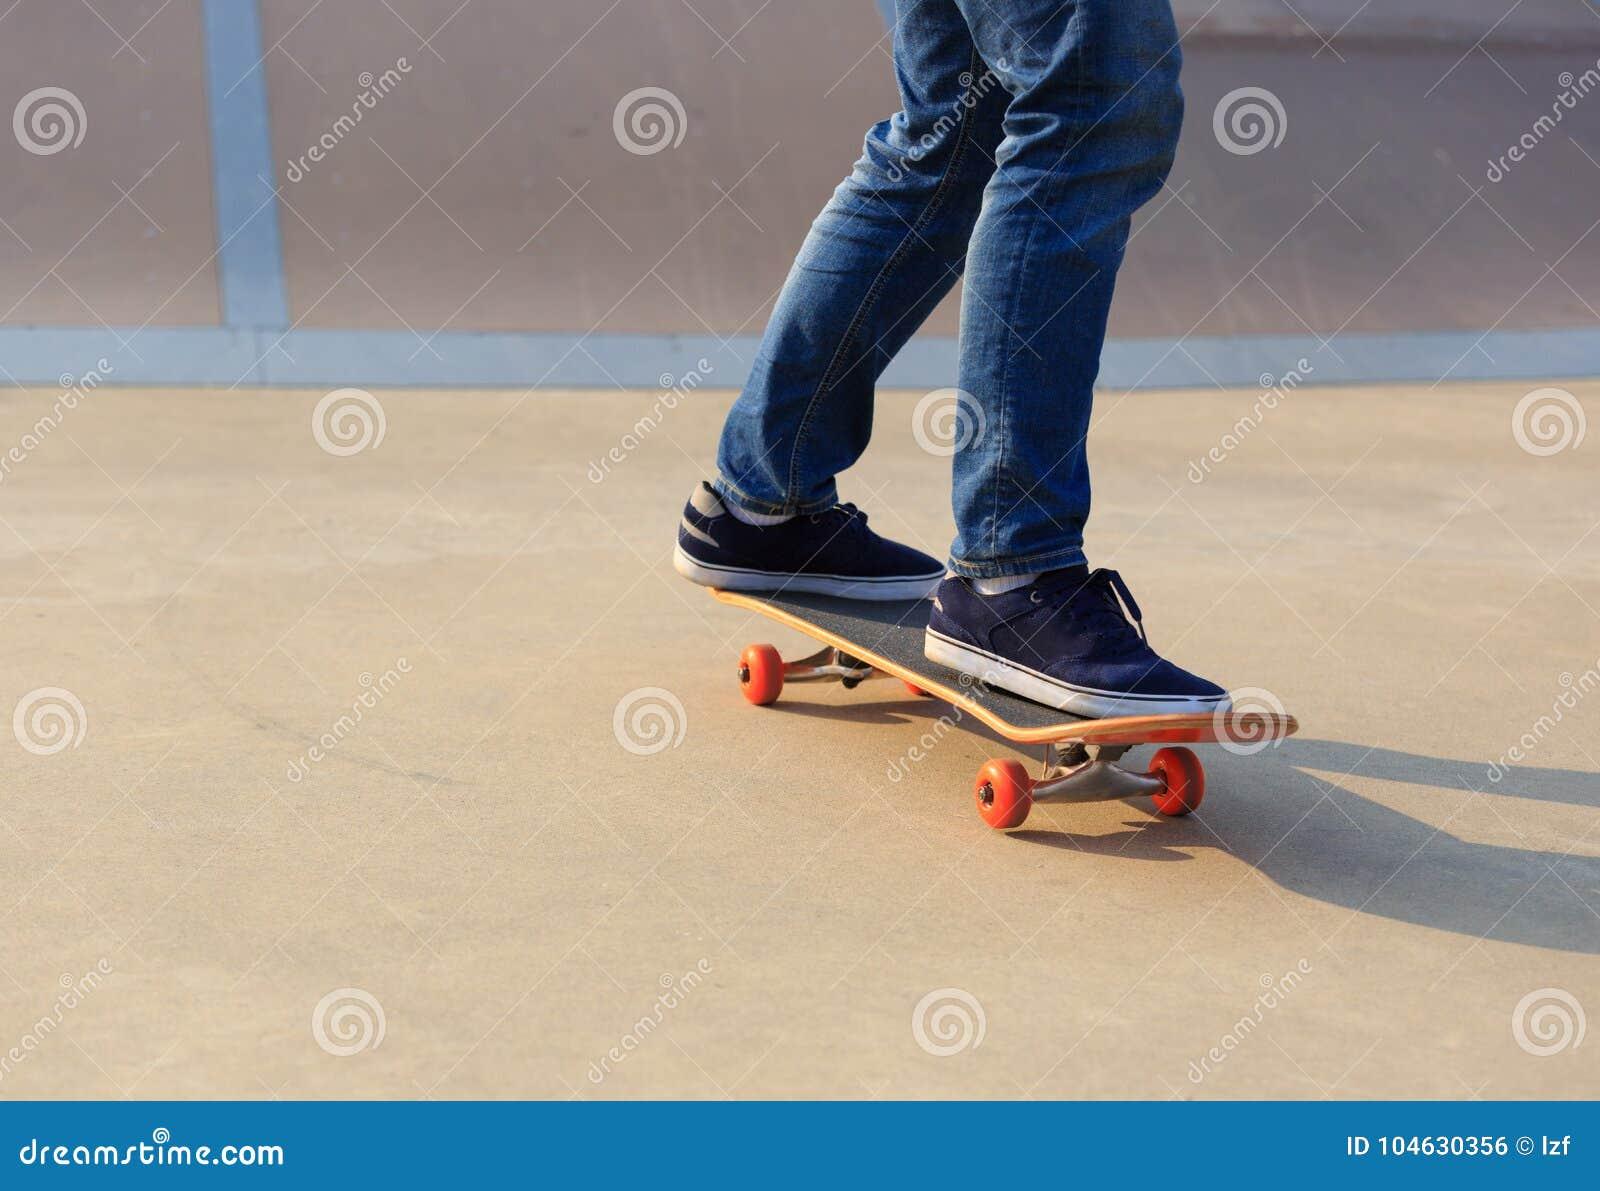 Download Skateboarderbenen Het Met Een Skateboard Rijden Stock Foto - Afbeelding bestaande uit rood, vleet: 104630356